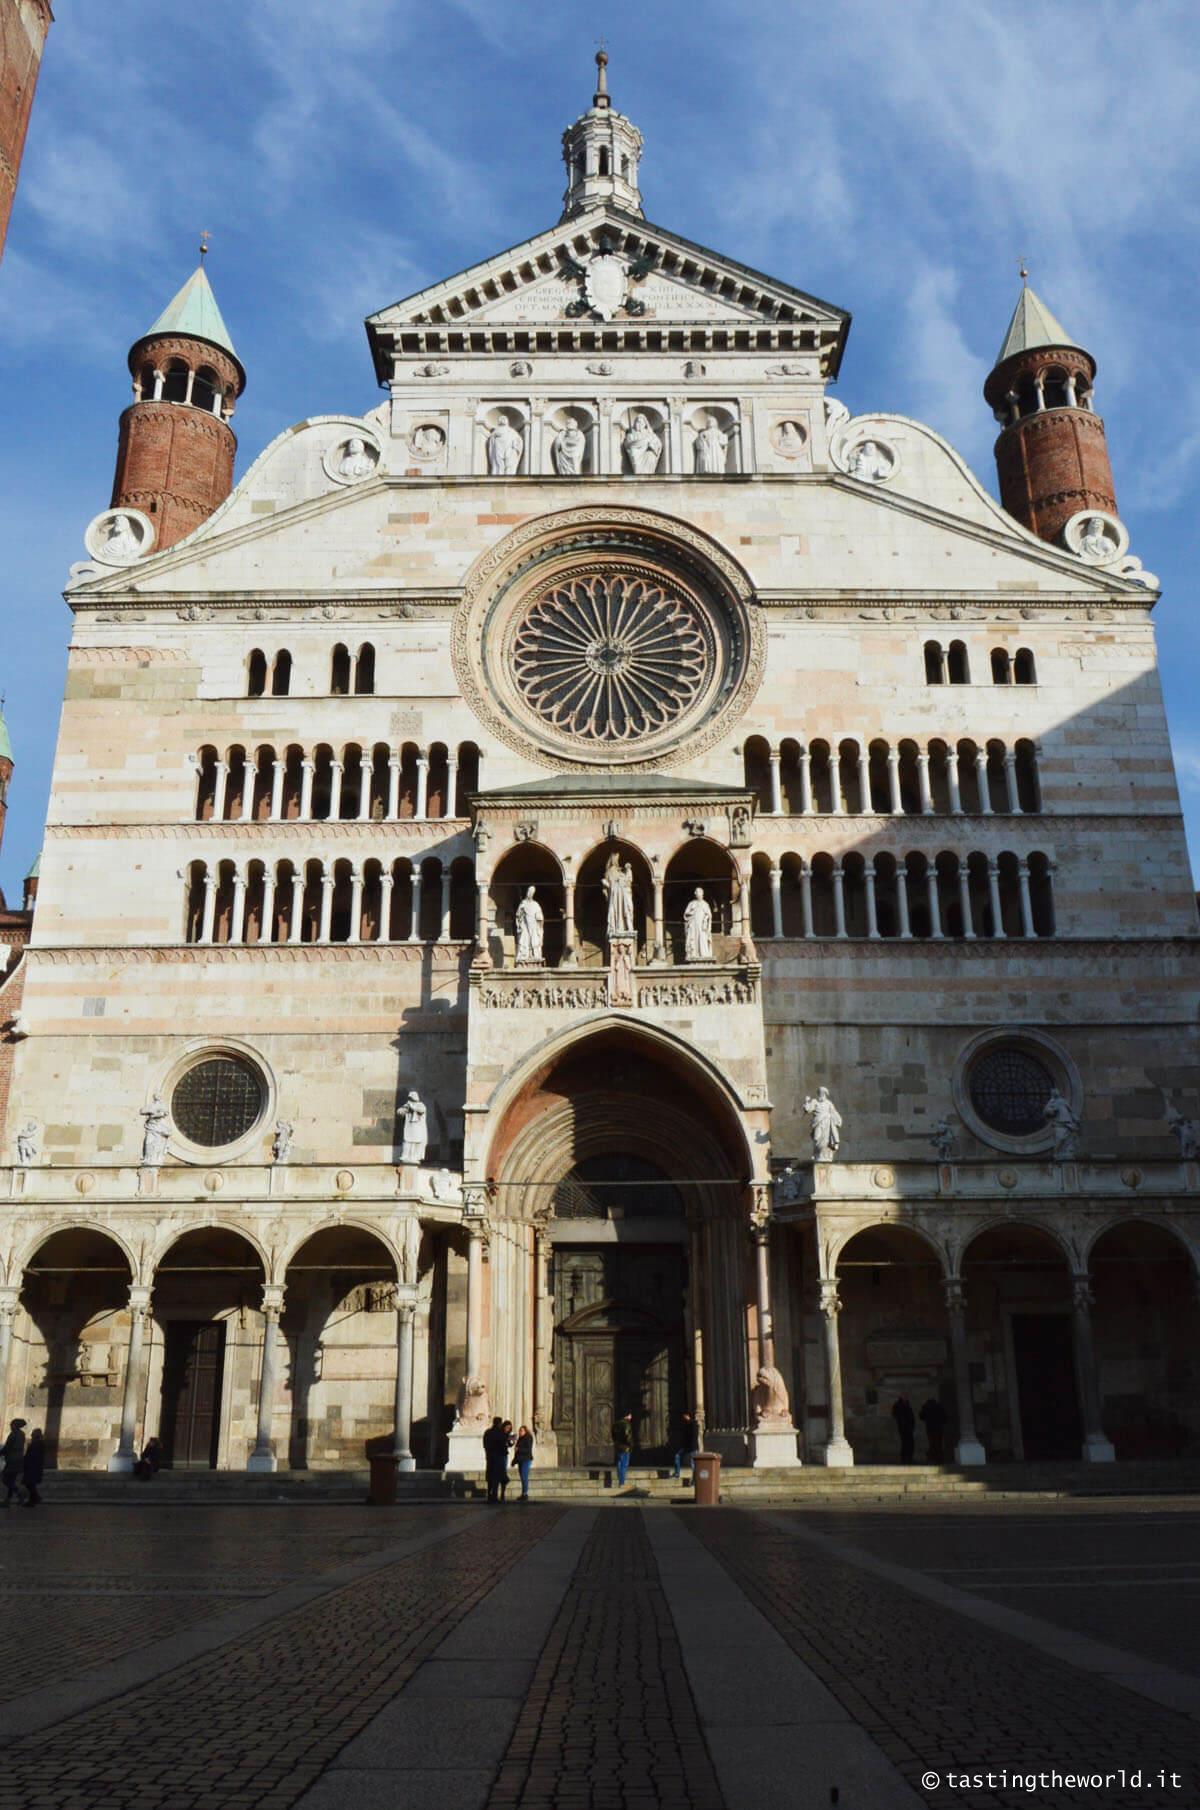 Duomo di Cremona - Cattedrale di Santa Maria Assunta